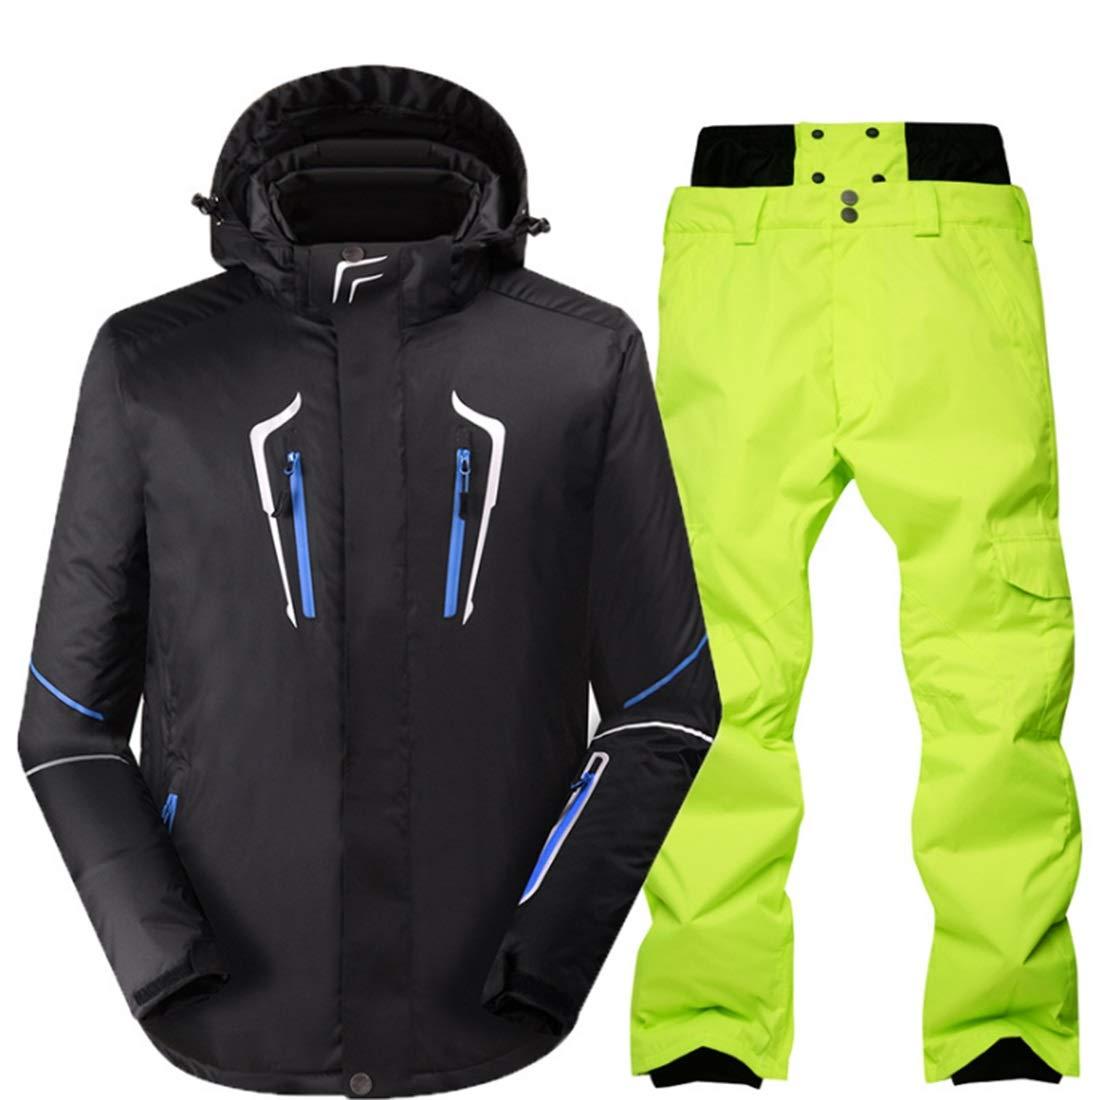 Nalkusxi Calda Tuta da Sci Pantaloni da Sci Invernale da da da Sci per Uomo (Coloree   07, Dimensione   L)B07KQ6HPGXM 06 | Prestazione eccellente  | Qualità Superiore  | una vasta gamma di prodotti  | a prezzi accessibili  | Nuovo  | Qualità  90a55d